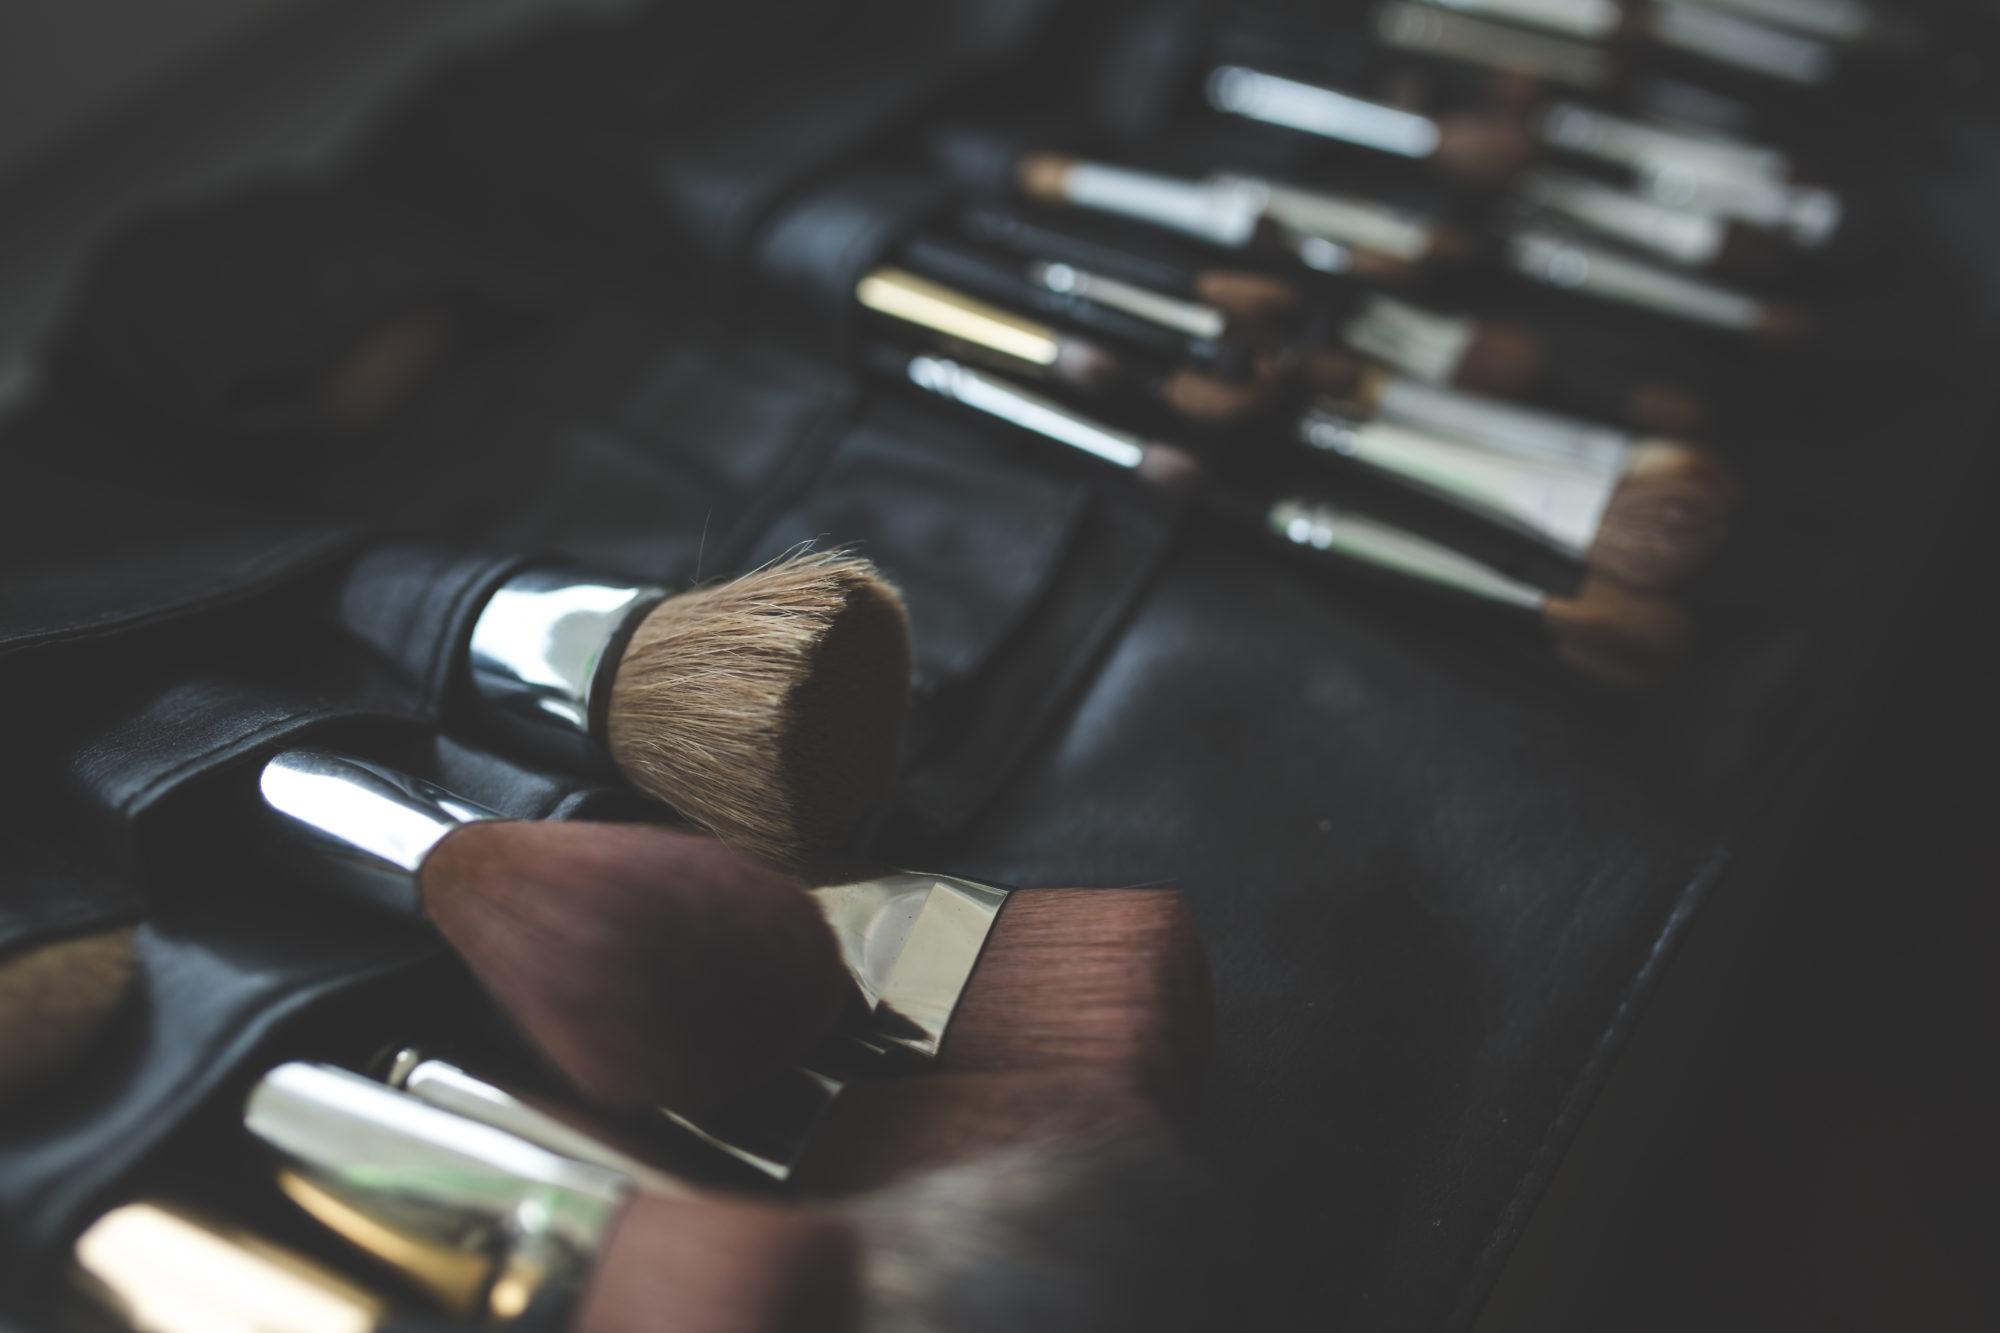 brush-makeup-make-up-brushes-e1530578154113.jpg